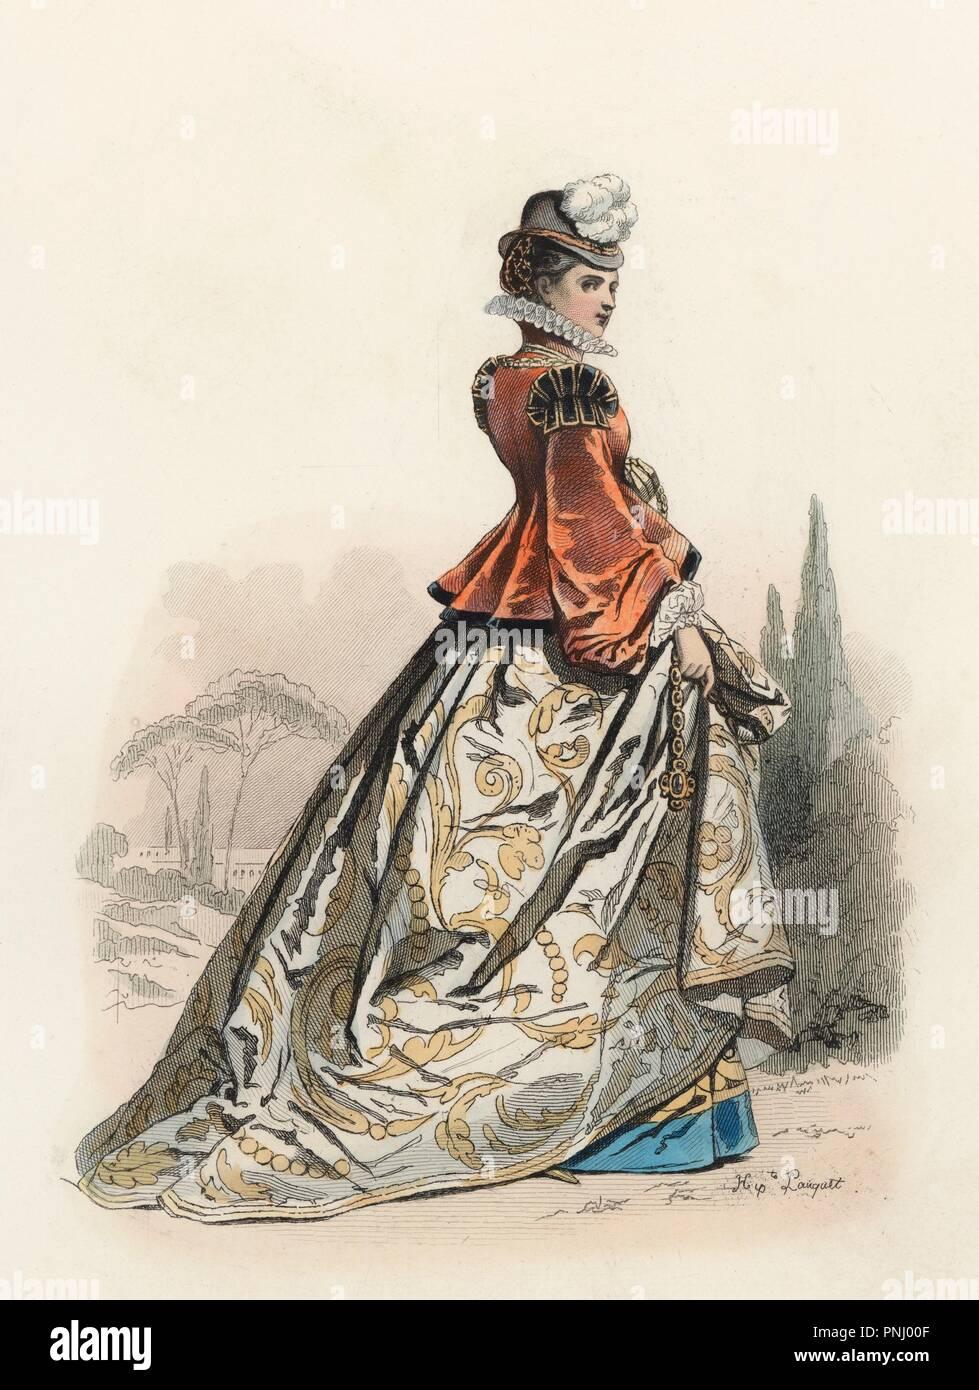 Edle Dama Vicentina En La Edad Moderna Grabado En Farbe De 1870